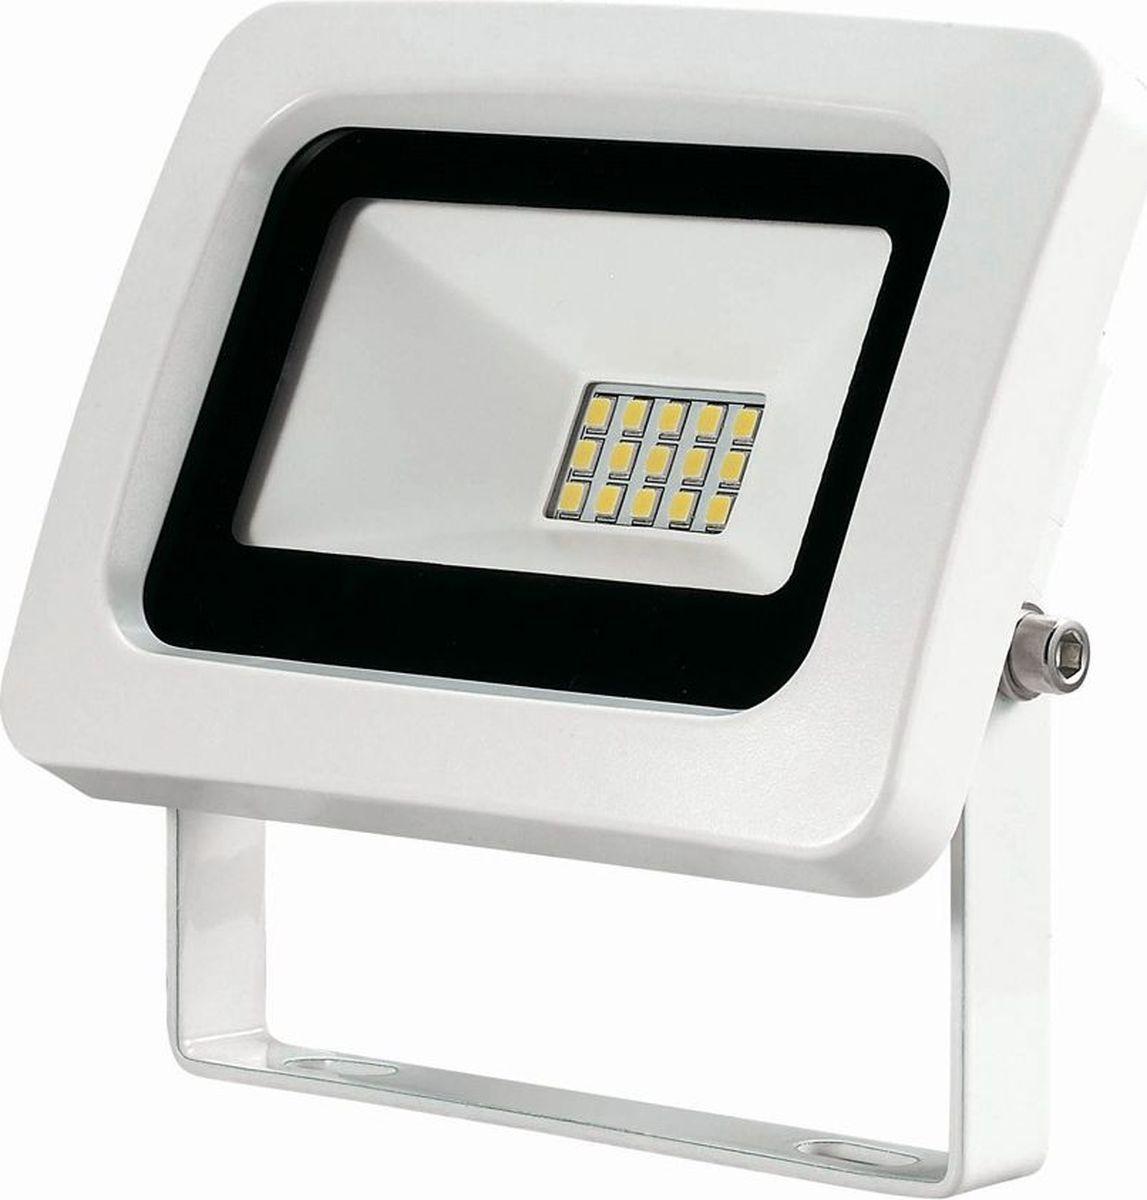 Прожектор Novotech Armin Led, цвет: прозрачный, LED, 5 Вт. 357397357397